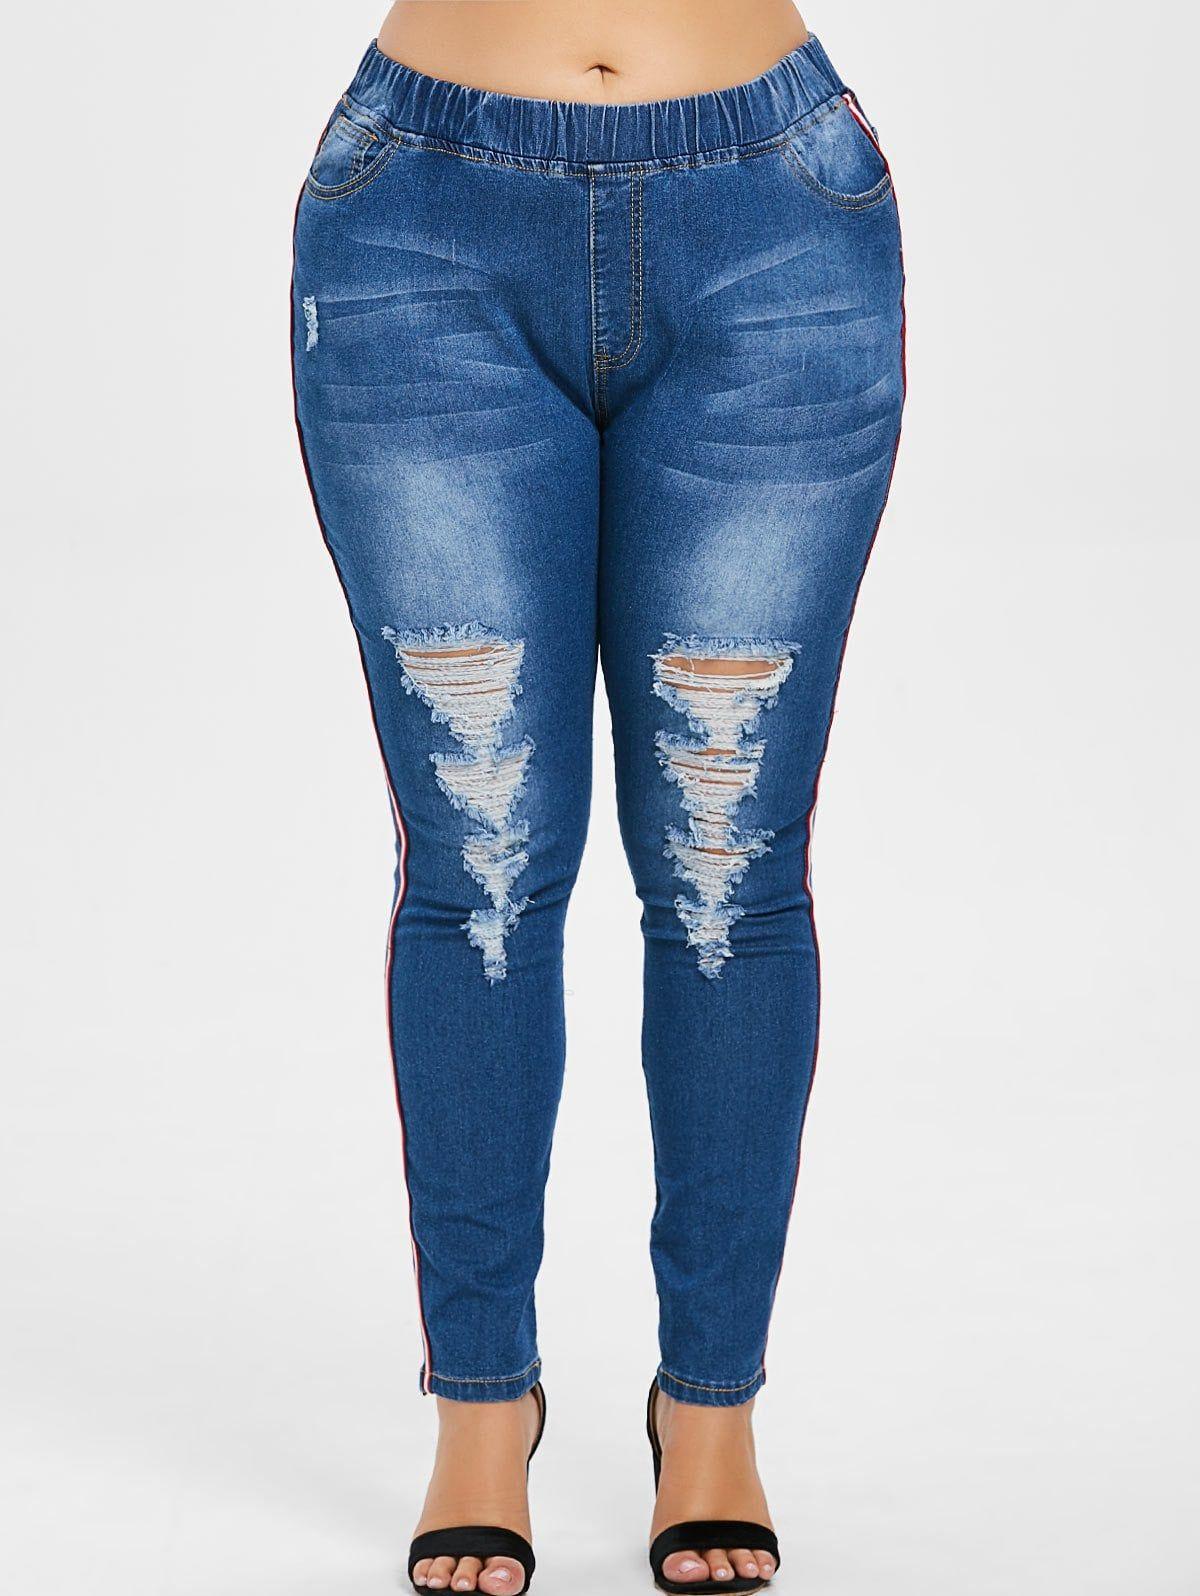 Elastic waist plus size distressed jeans plus size